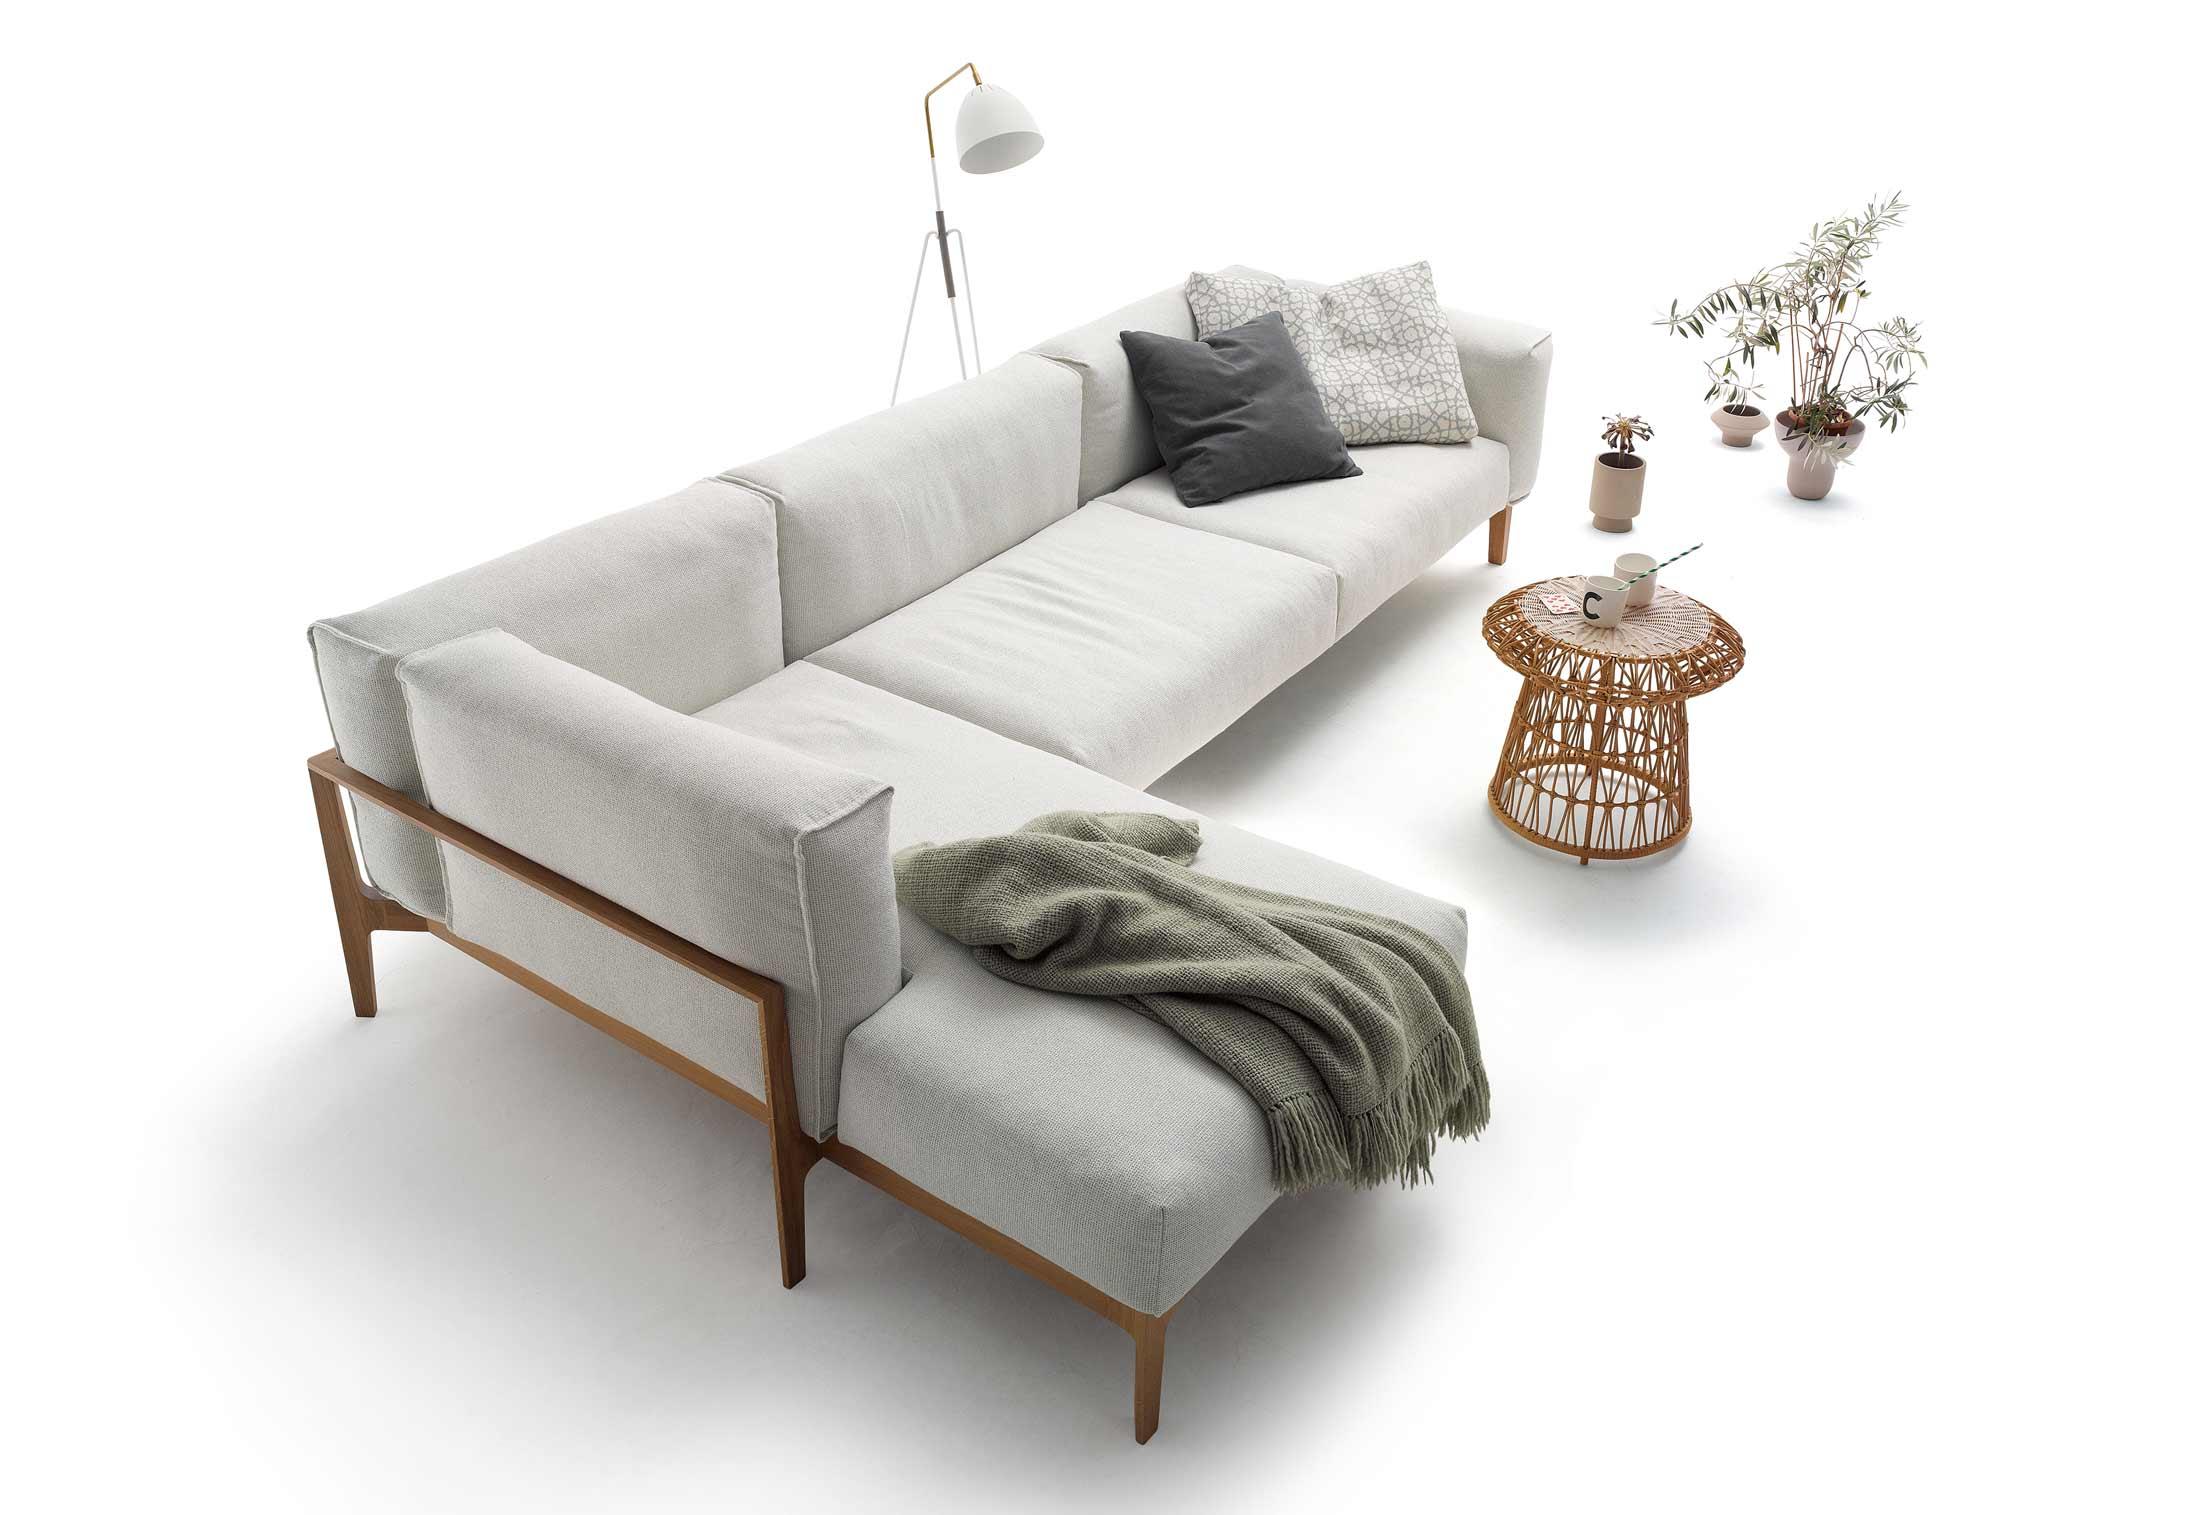 Elm sofa by COR | STYLEPARK